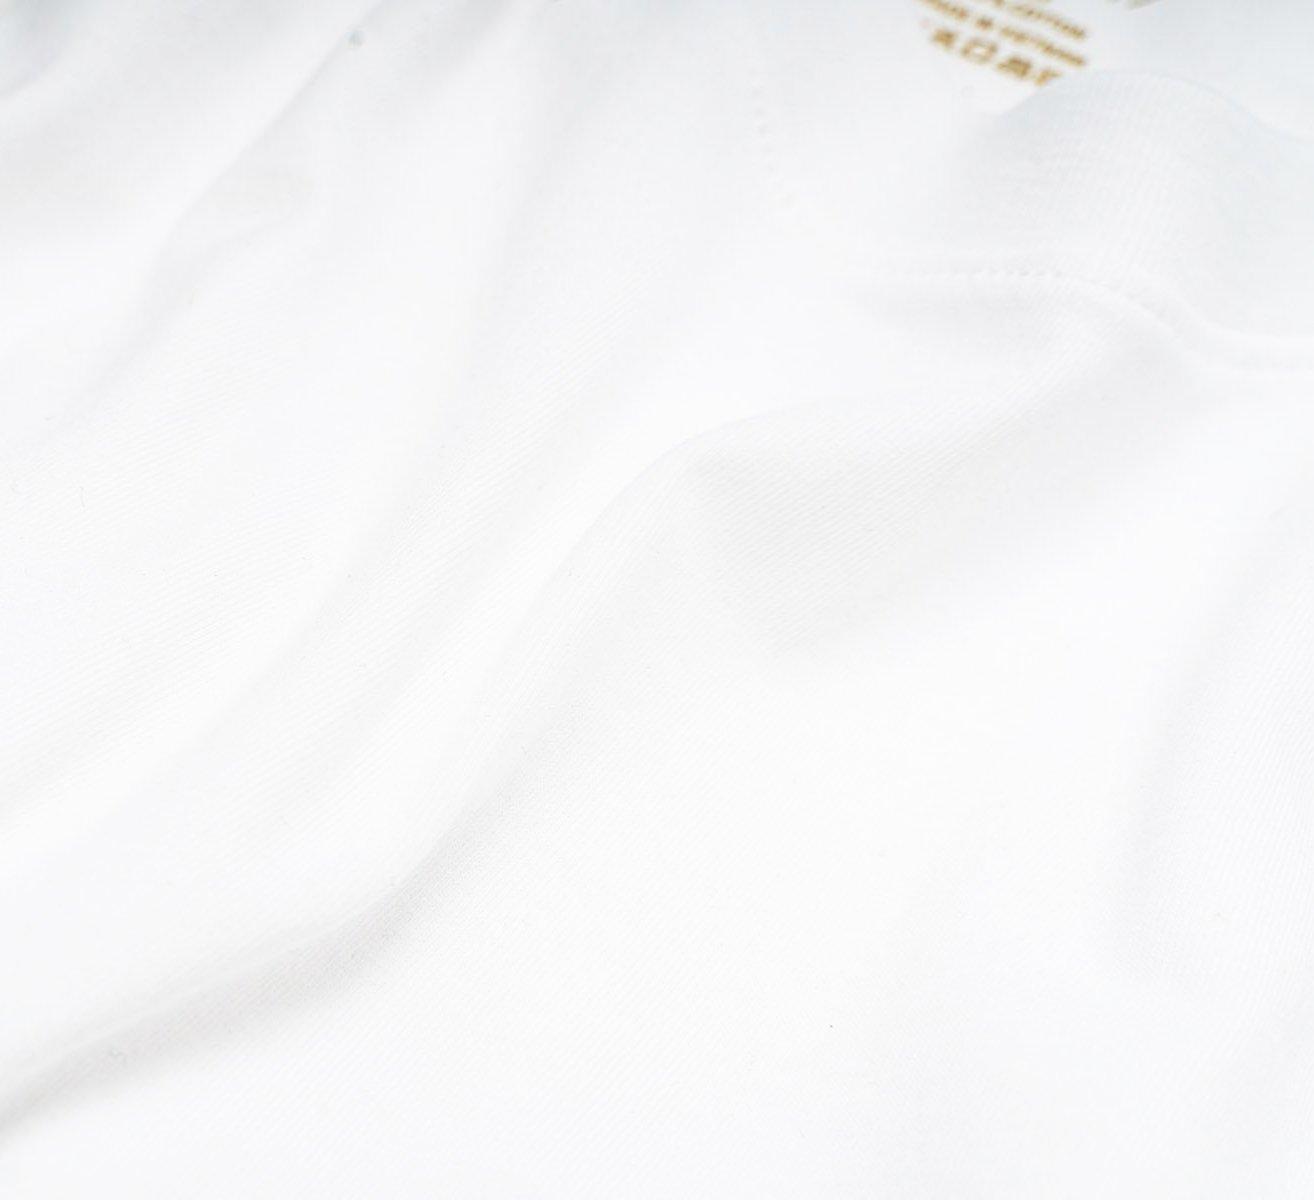 Áo thun nữ in hình dáng rộng cổ tròn - RESPECT